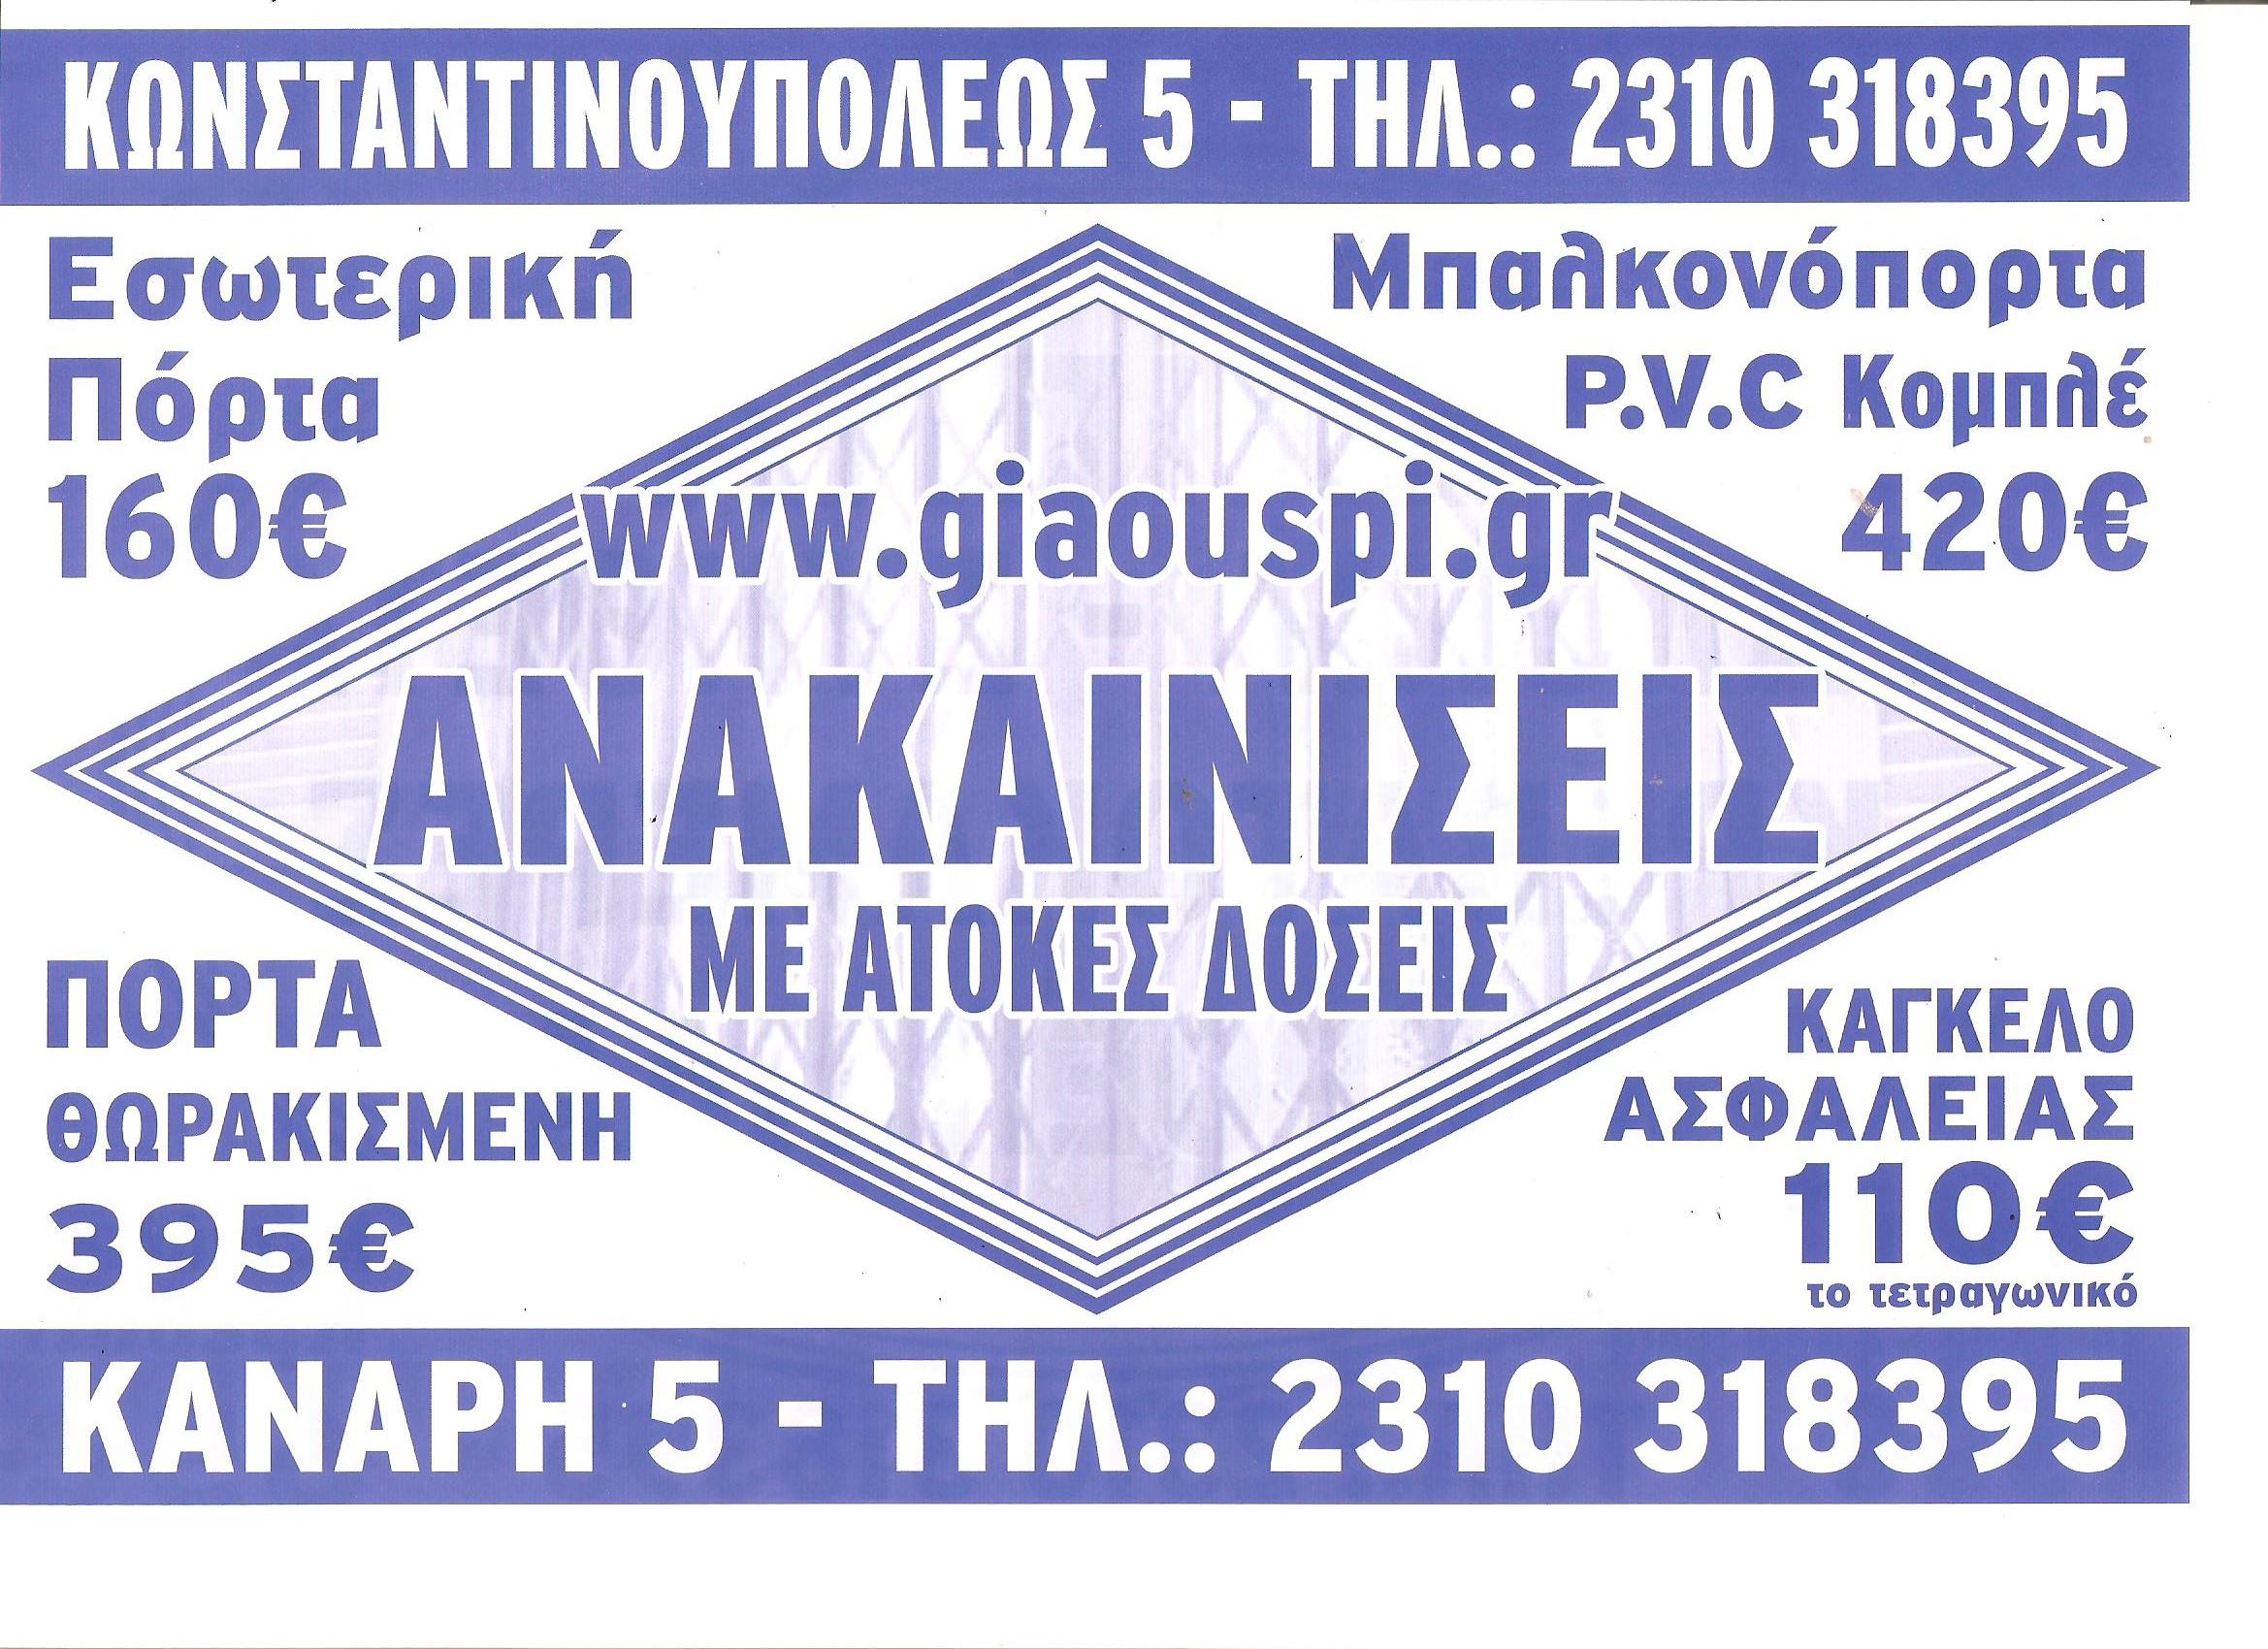 ΑΝΑΚΑΙΝΙΣΕΙΣ